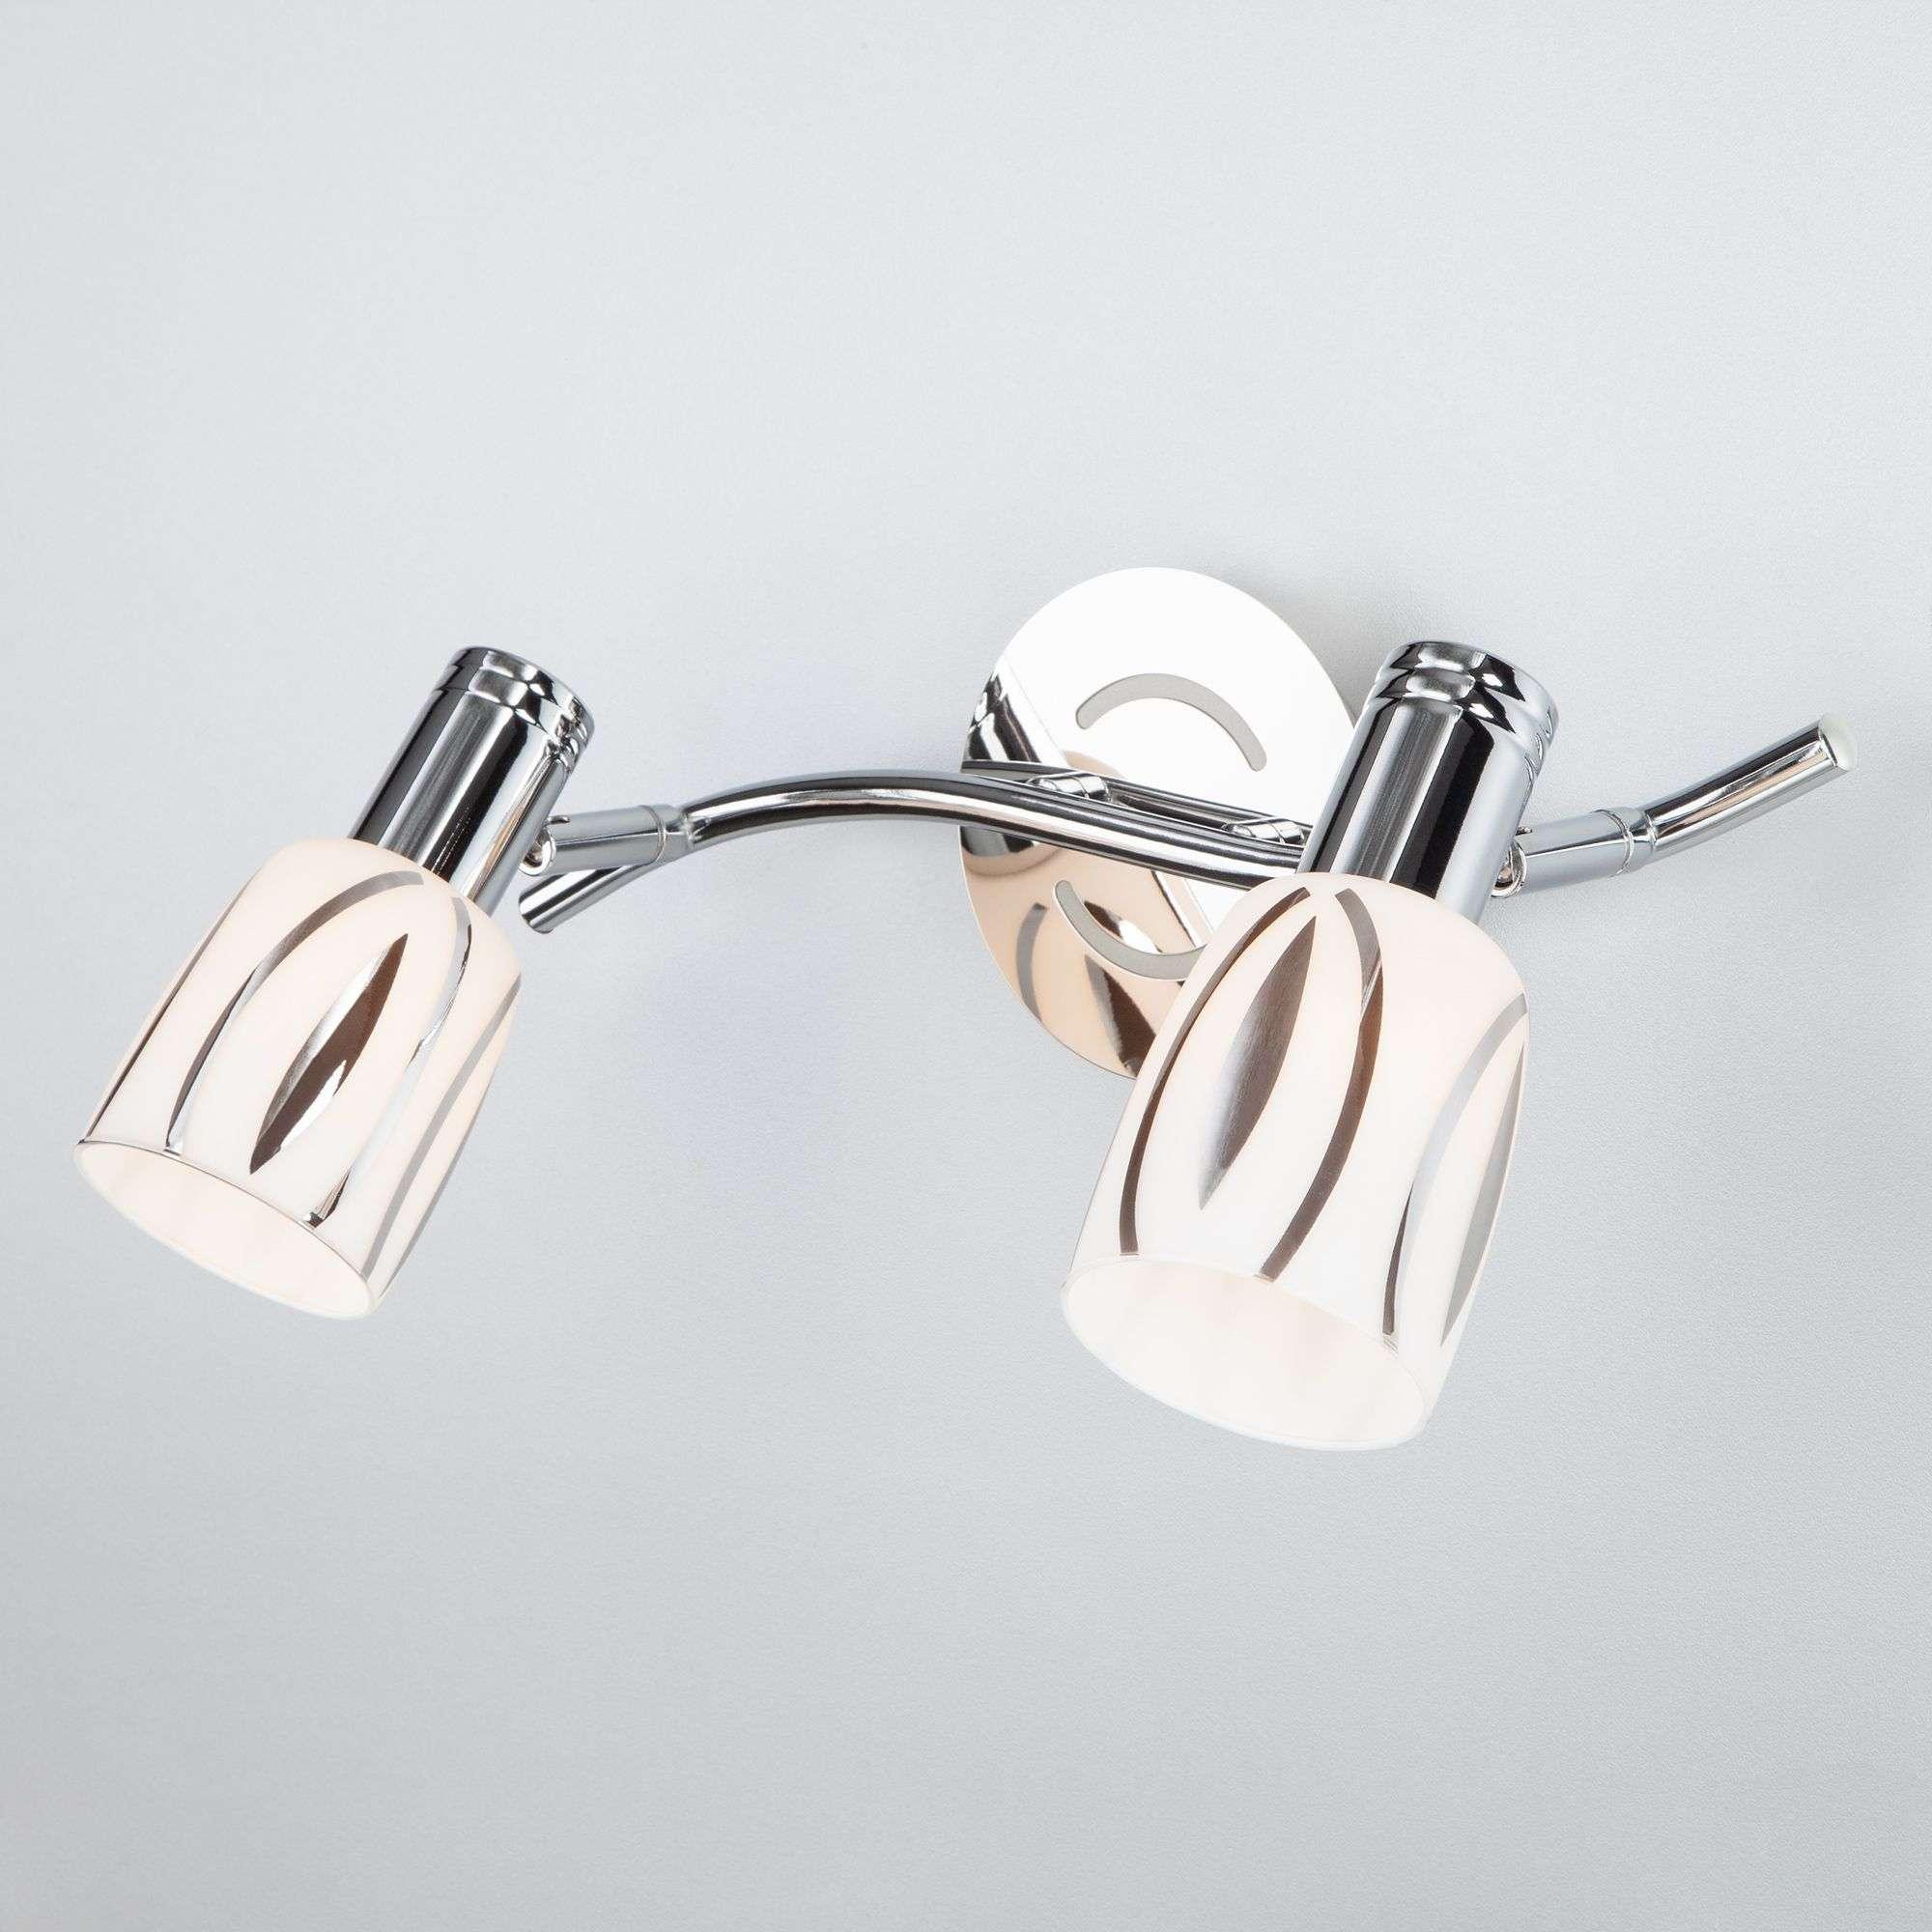 Настенный светильник с плафонами 20113/2 хром